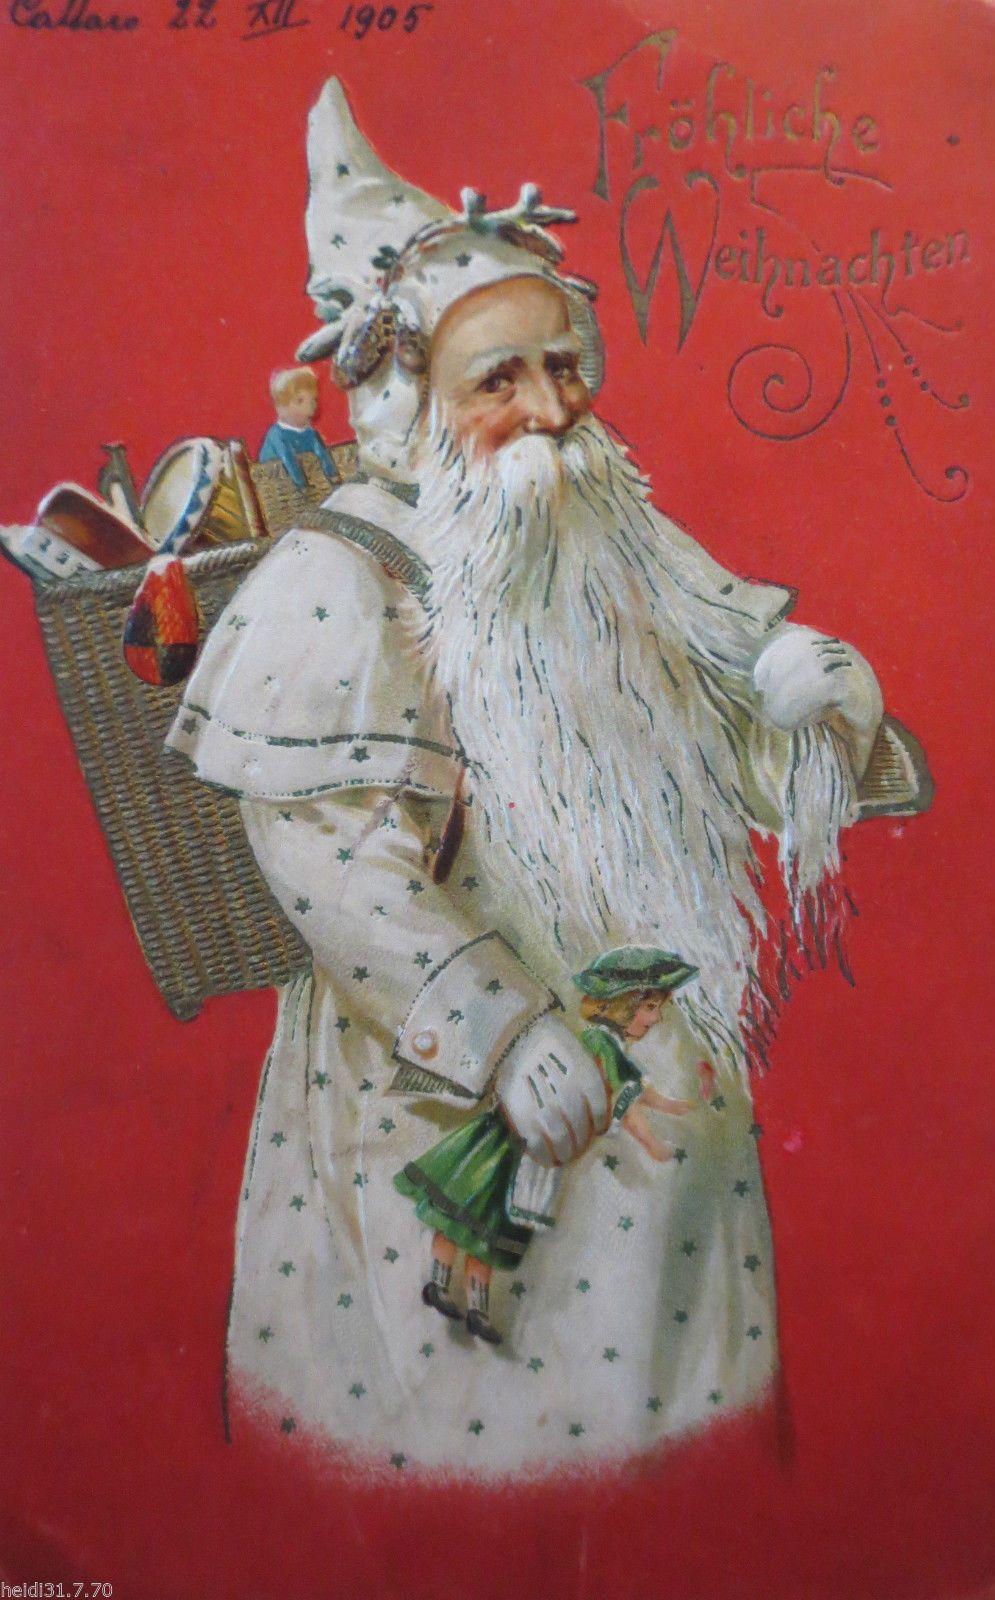 http://www.ebay.de/itm/Weihnachten-Weihnachtsmann-Spielzeug-1909-26314/201536058440?_trksid=p2141725.c100338.m3726